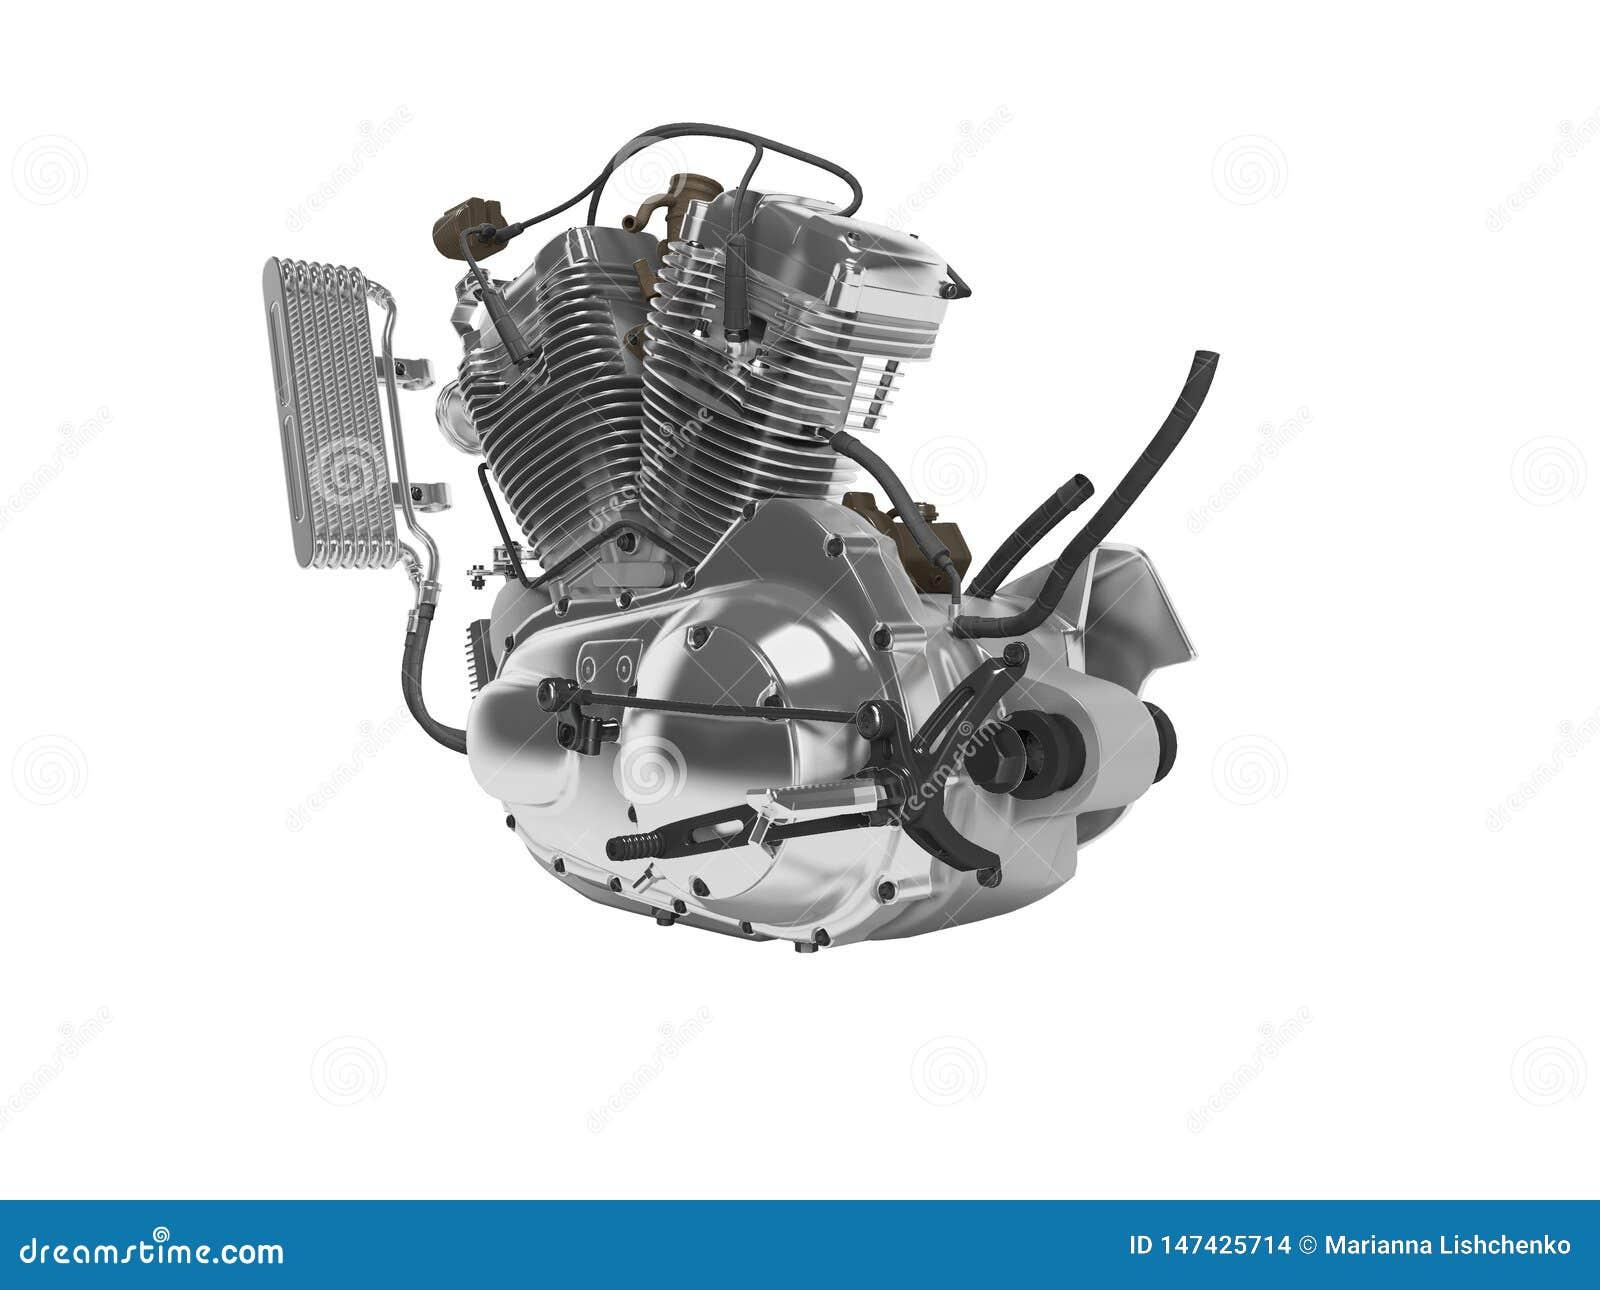 Renderer för ask för kugghjul för cylinder för motorcykel två för begreppsbensinmotor 3d på vit bakgrund ingen skugga